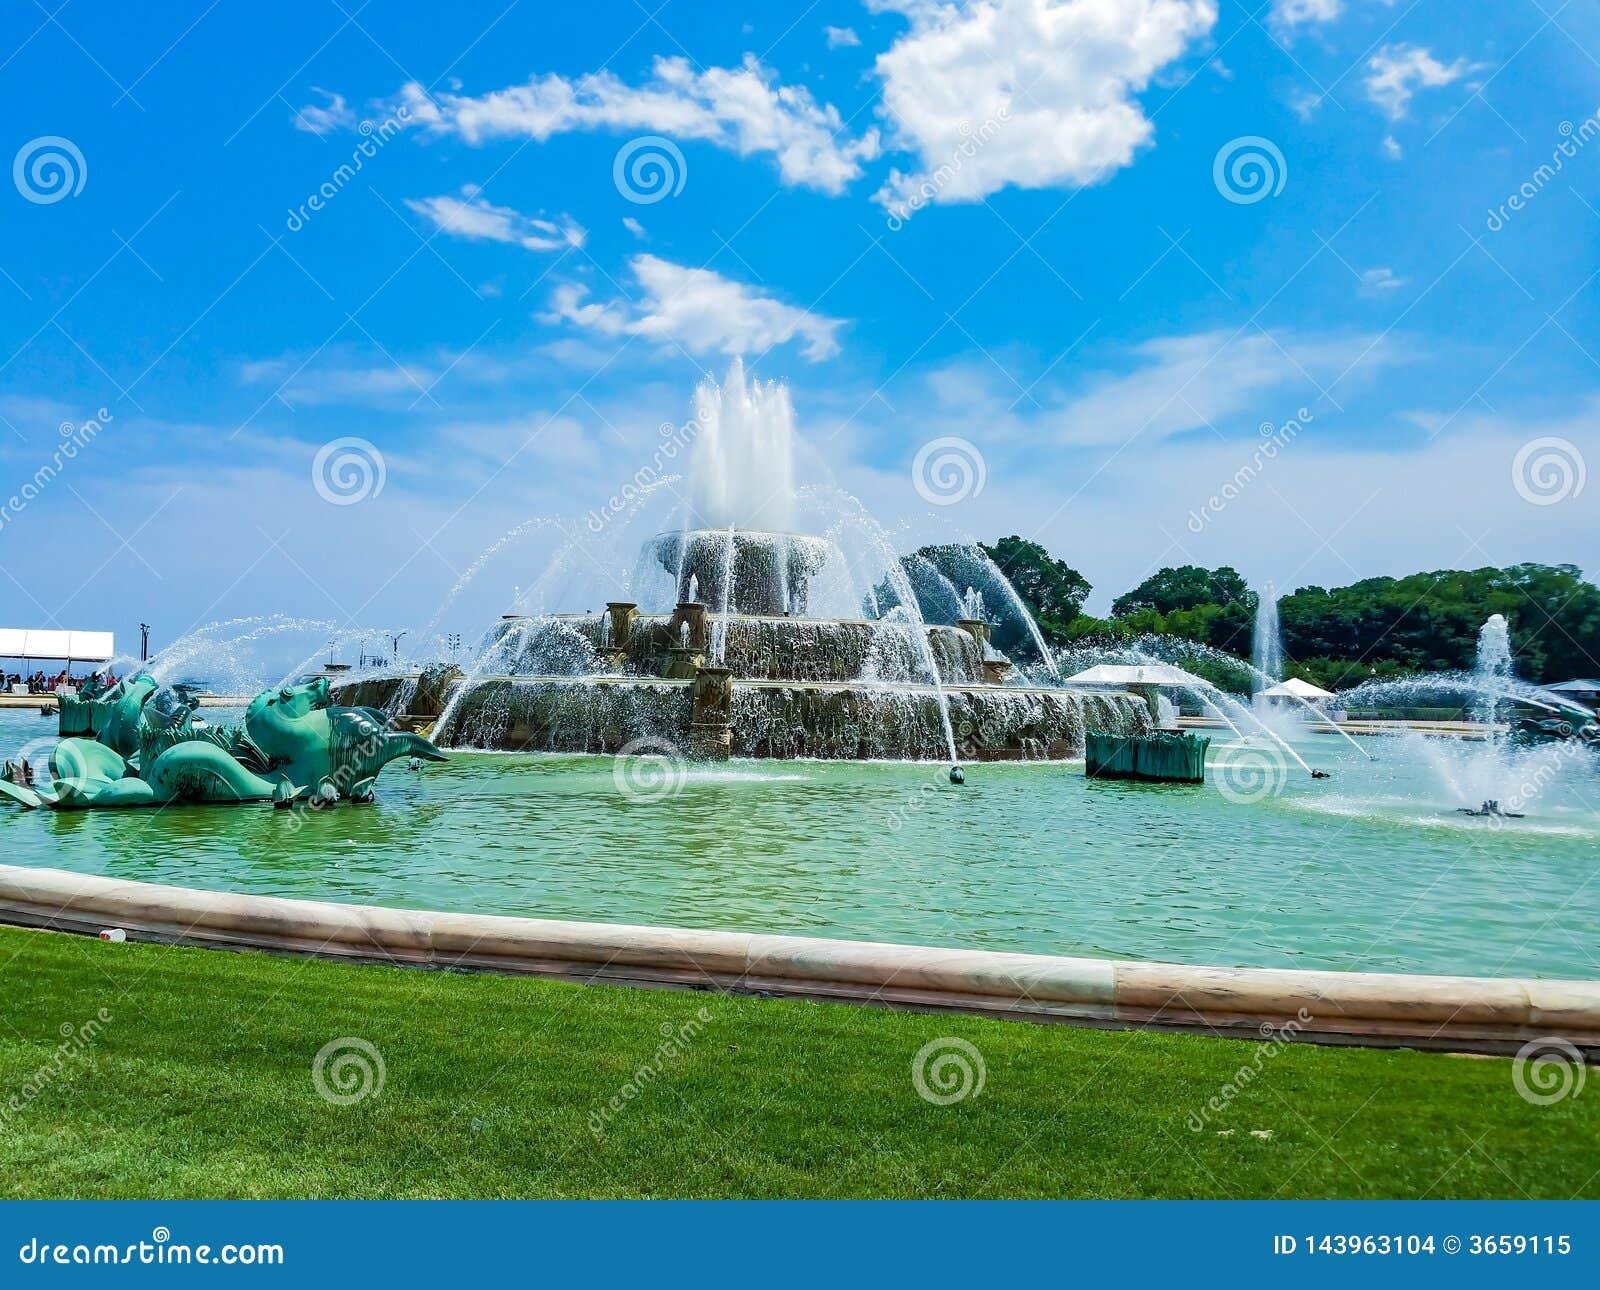 芝加哥,伊利诺伊,美国 07 05 2018年:克拉伦斯镇白金汉喷泉在有天空蔚蓝的芝加哥在背景中